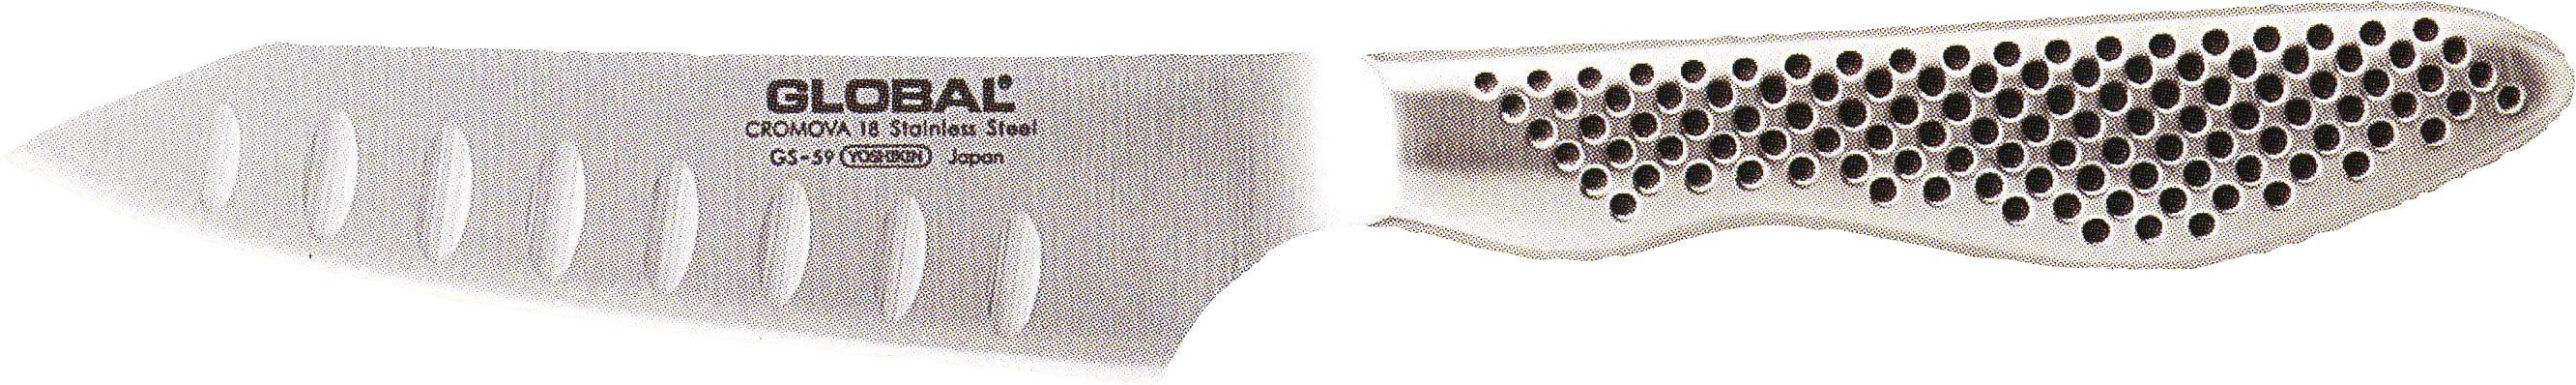 GLOBAL GS-59 Oriental Kochmesser